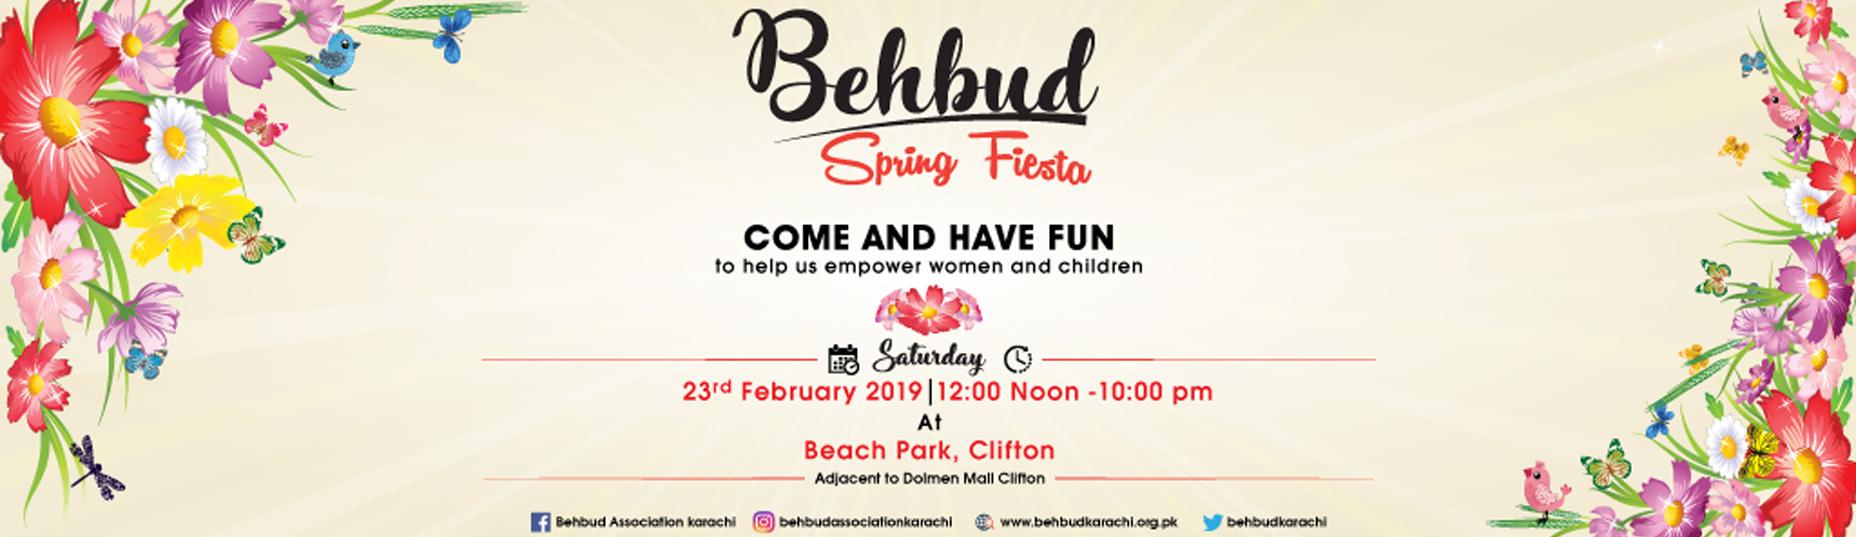 behbud-spring-fiesta-23feb2019-homeslide